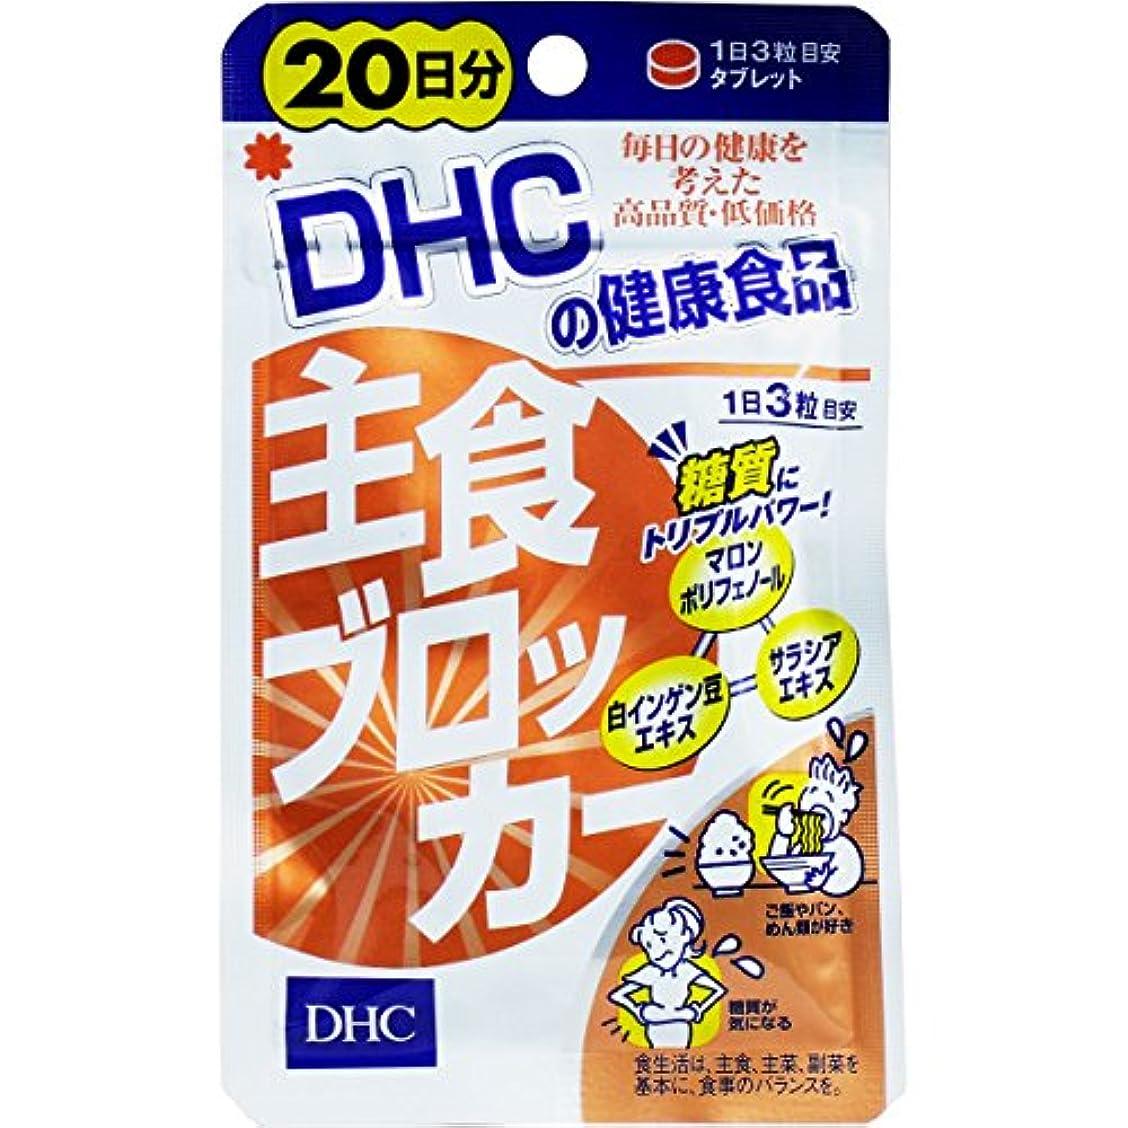 ほこりっぽい織るフィクションダイエット トリプルパワーでため込み対策 栄養機能食品 DHC 主食ブロッカー 20日分 60粒入【2個セット】